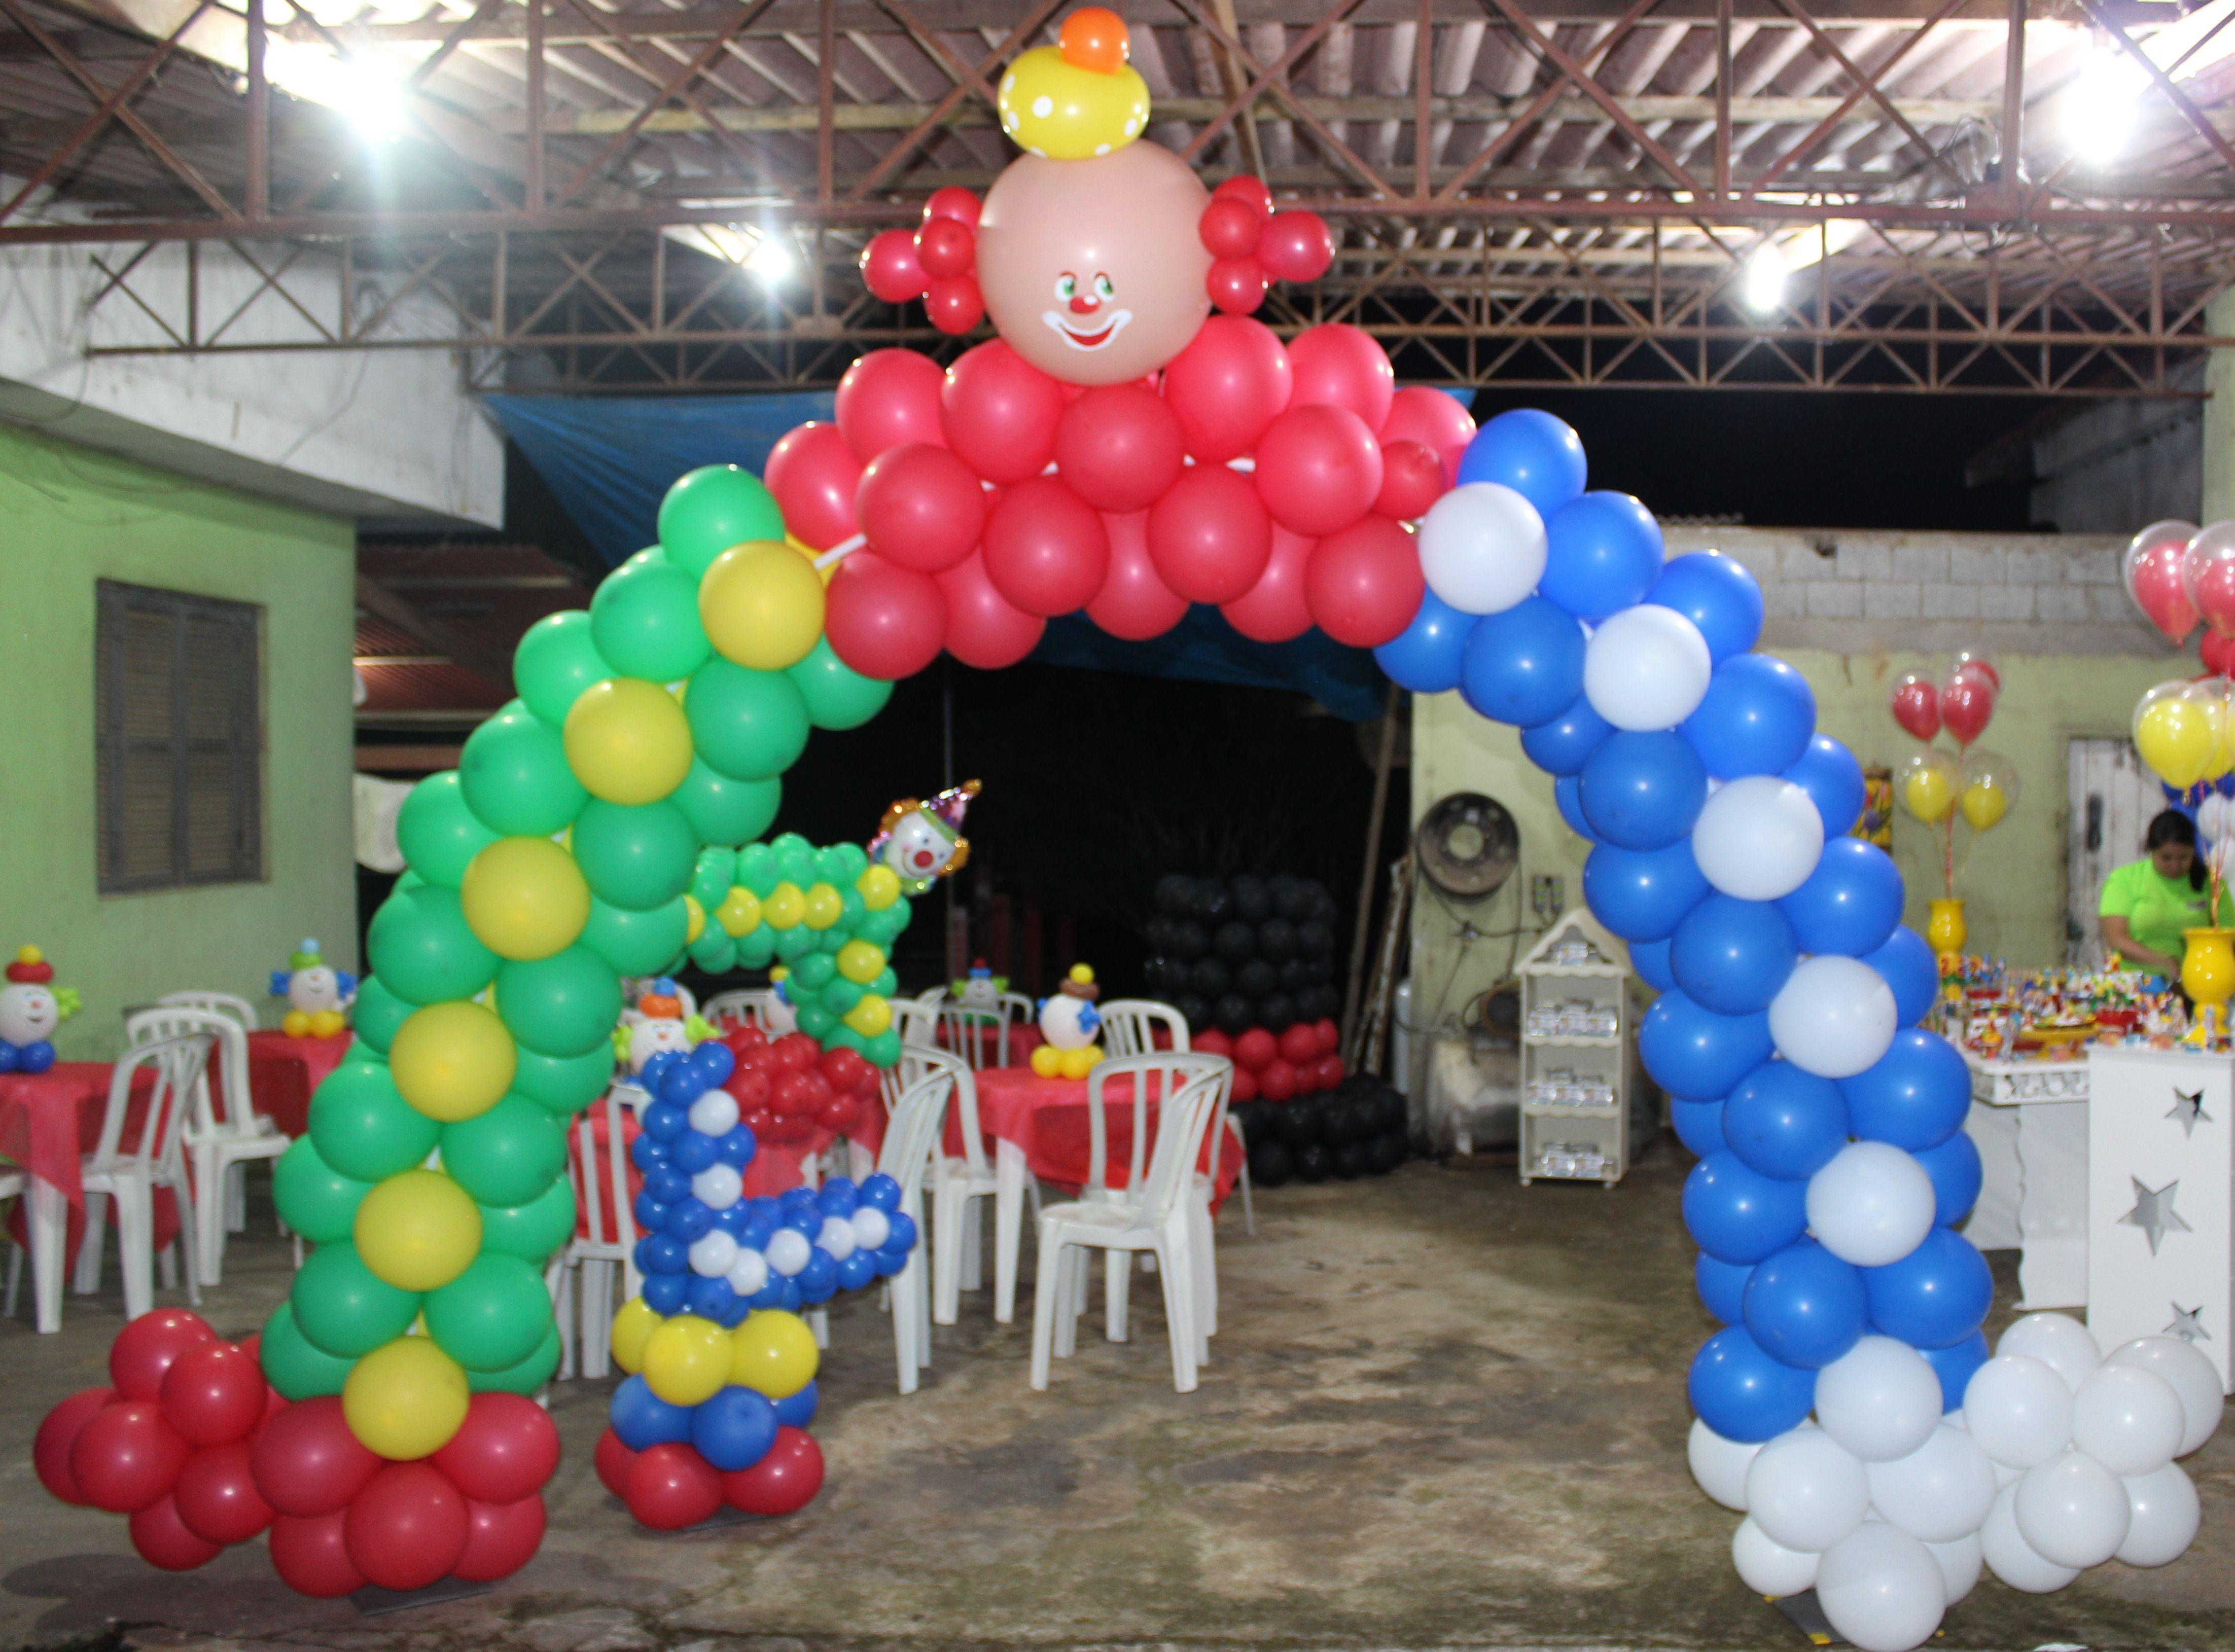 Decoracao Com Baloes Arco De Baloes Tema Crco Decoracao Com